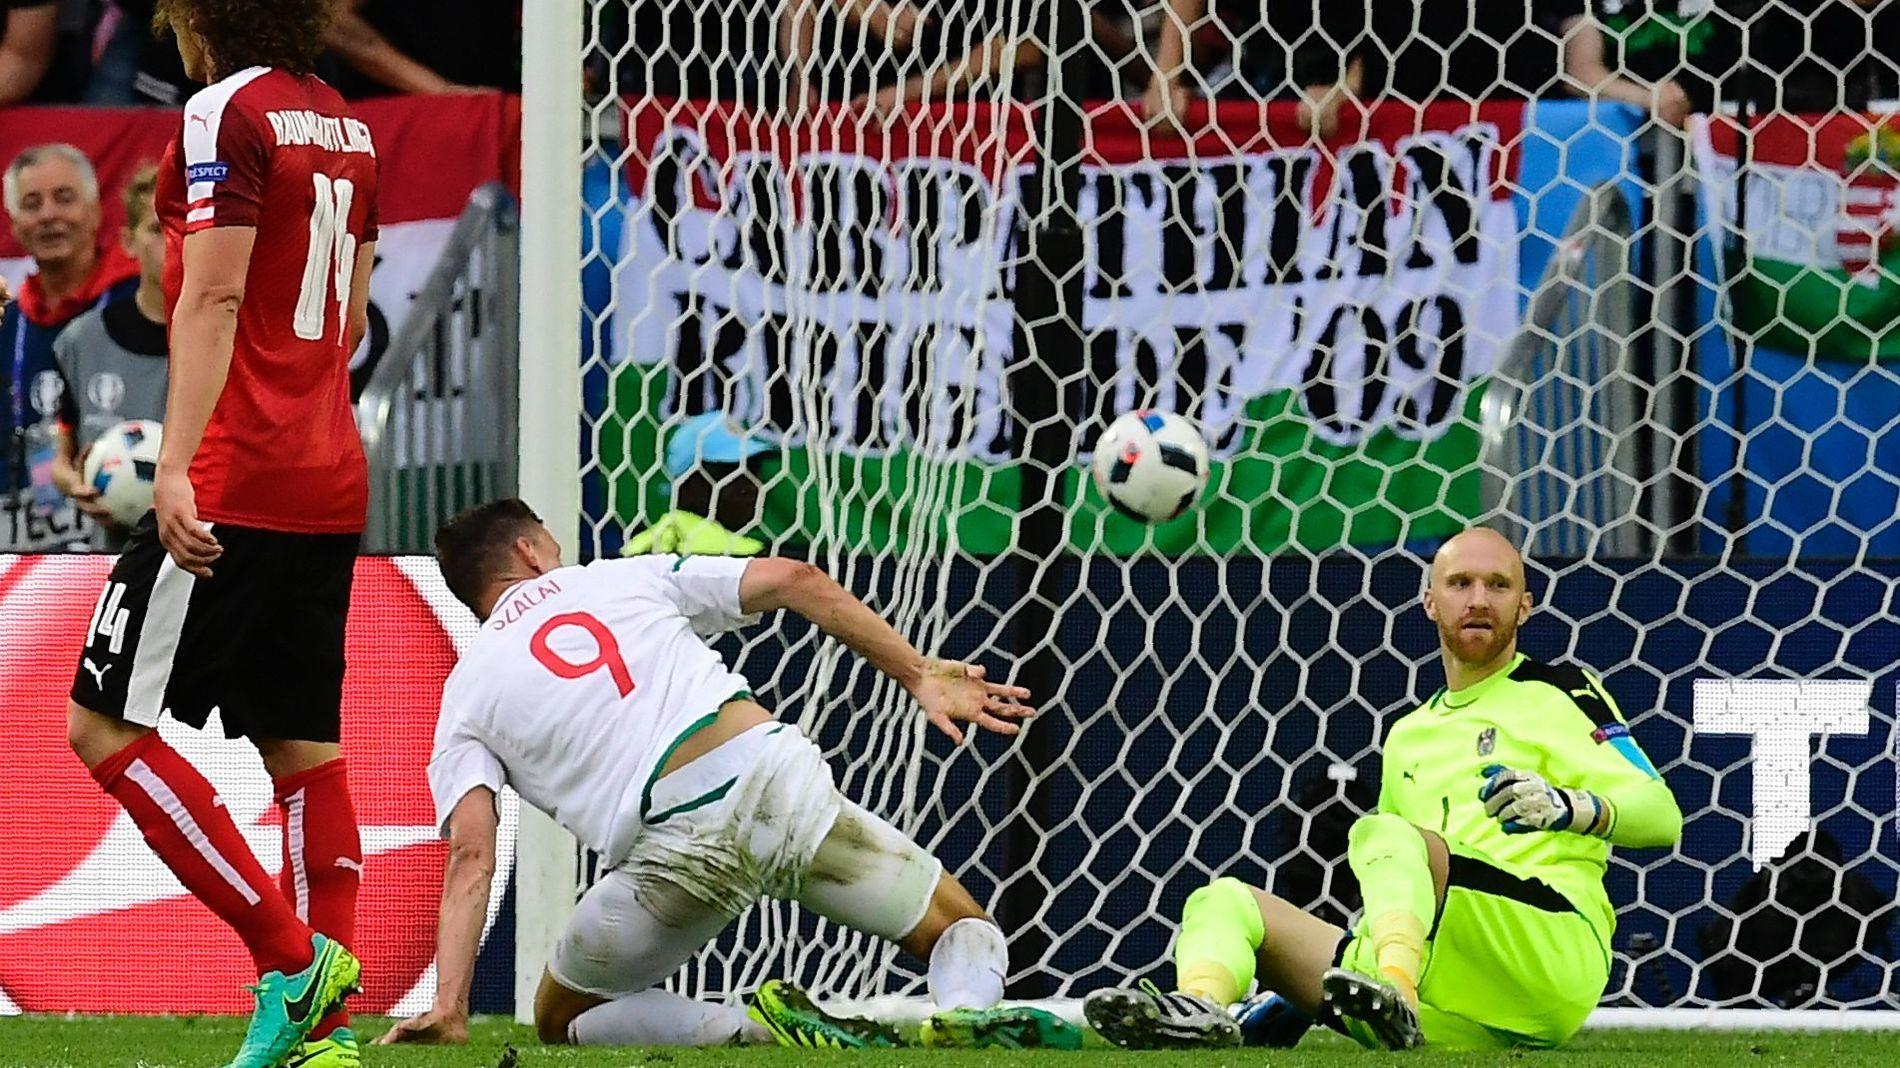 SJOKKSEIER: Få hadde trodd at Ungarn kunne hamle opp med gullgenerasjonen fra Østerrike. Men spissveteran Ádám Szalais første mål siden 2014 sørget for ungarsk jubel i Bordeaux. I mål fortviler Robert Almer.